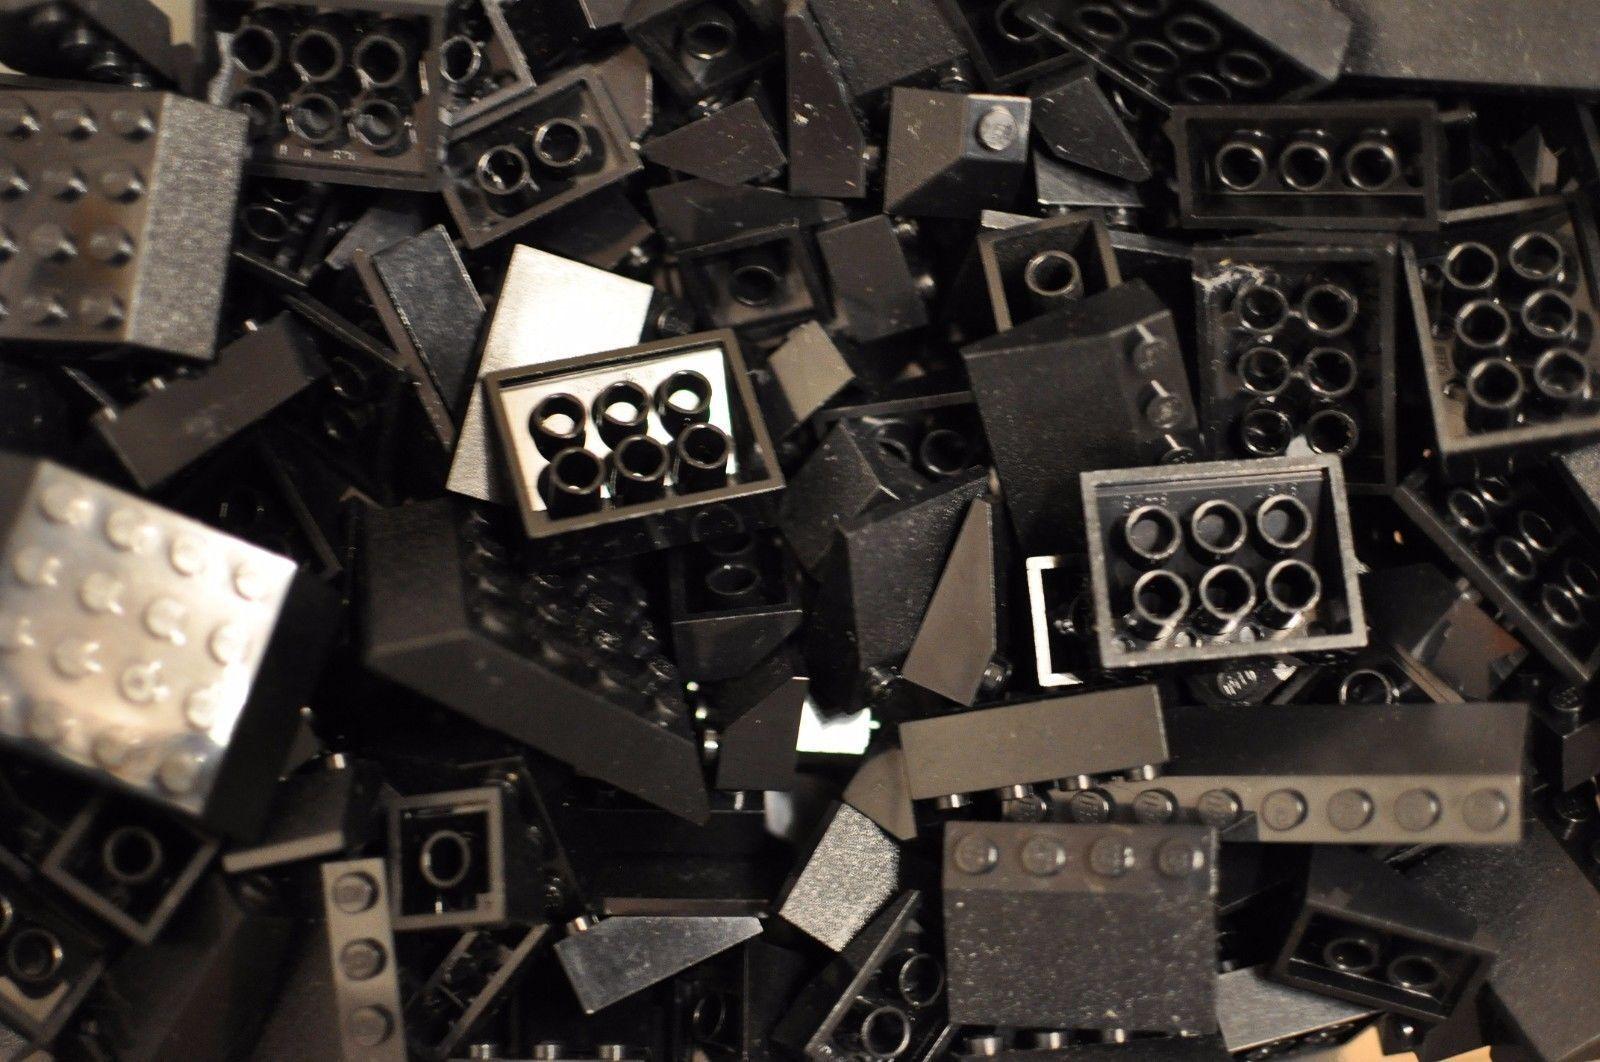 lego 100 st ck dachziegel schwarz dach verschiedene formen. Black Bedroom Furniture Sets. Home Design Ideas